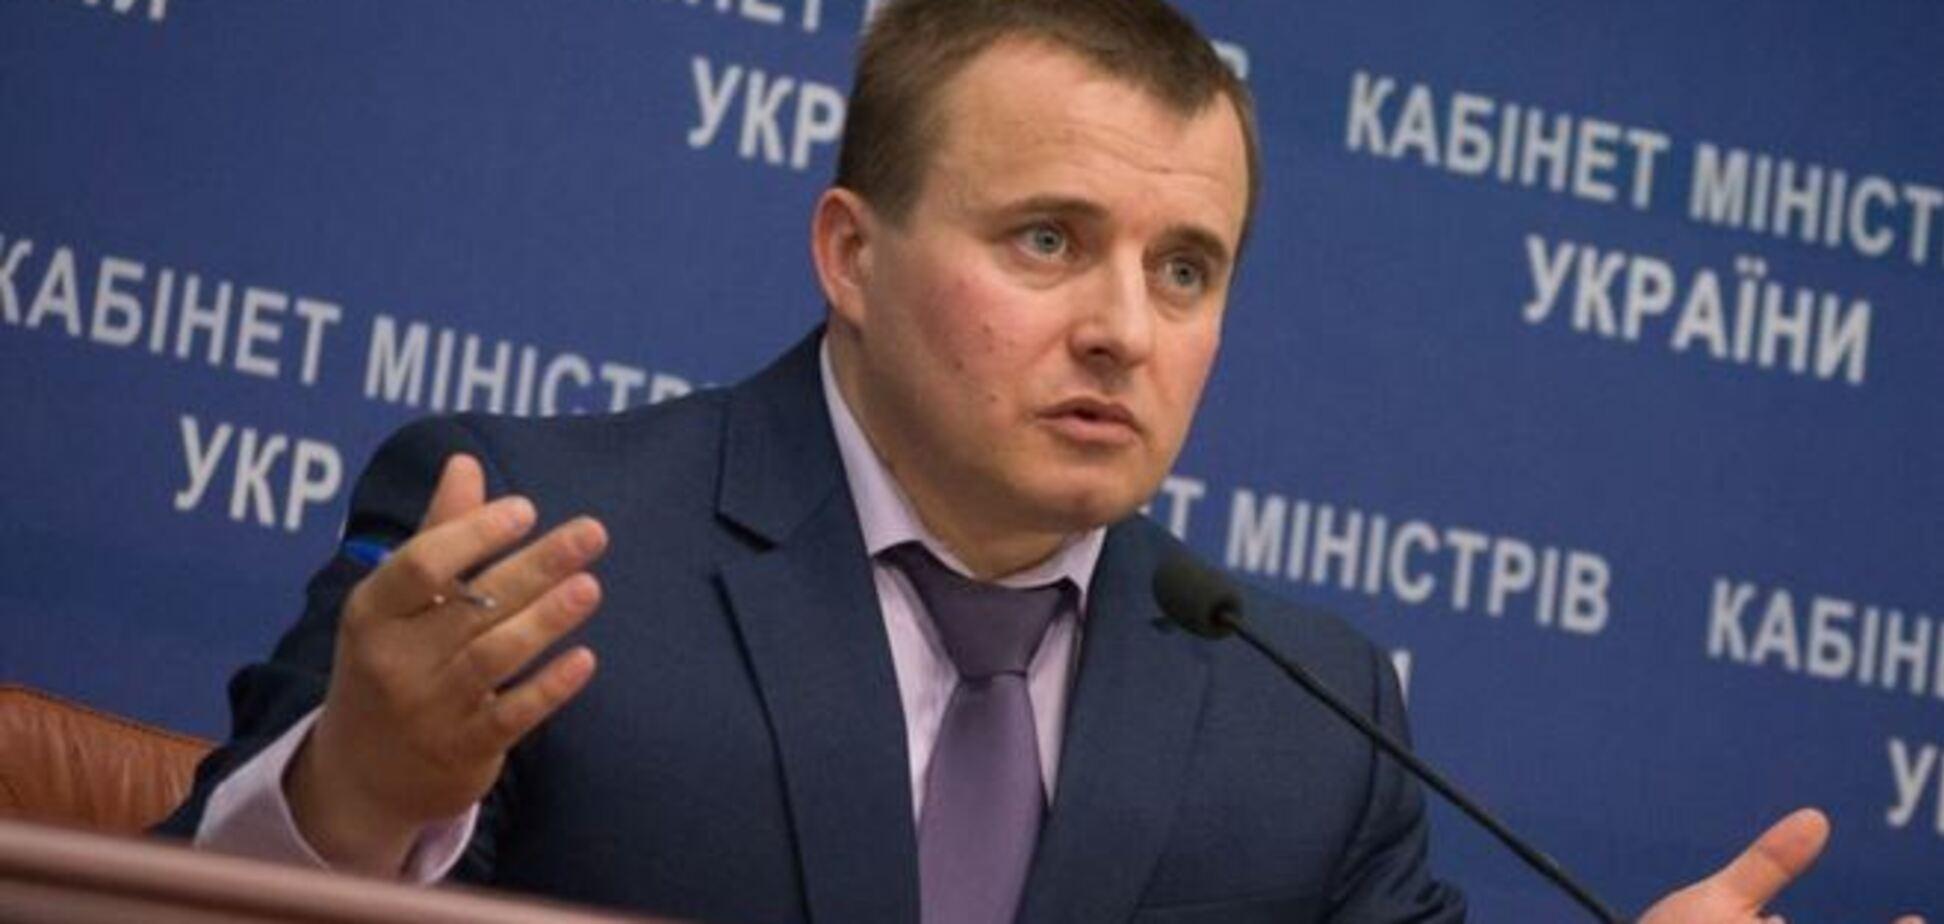 Активисты требуют отправить Демчишина в отставку и завести на него дело